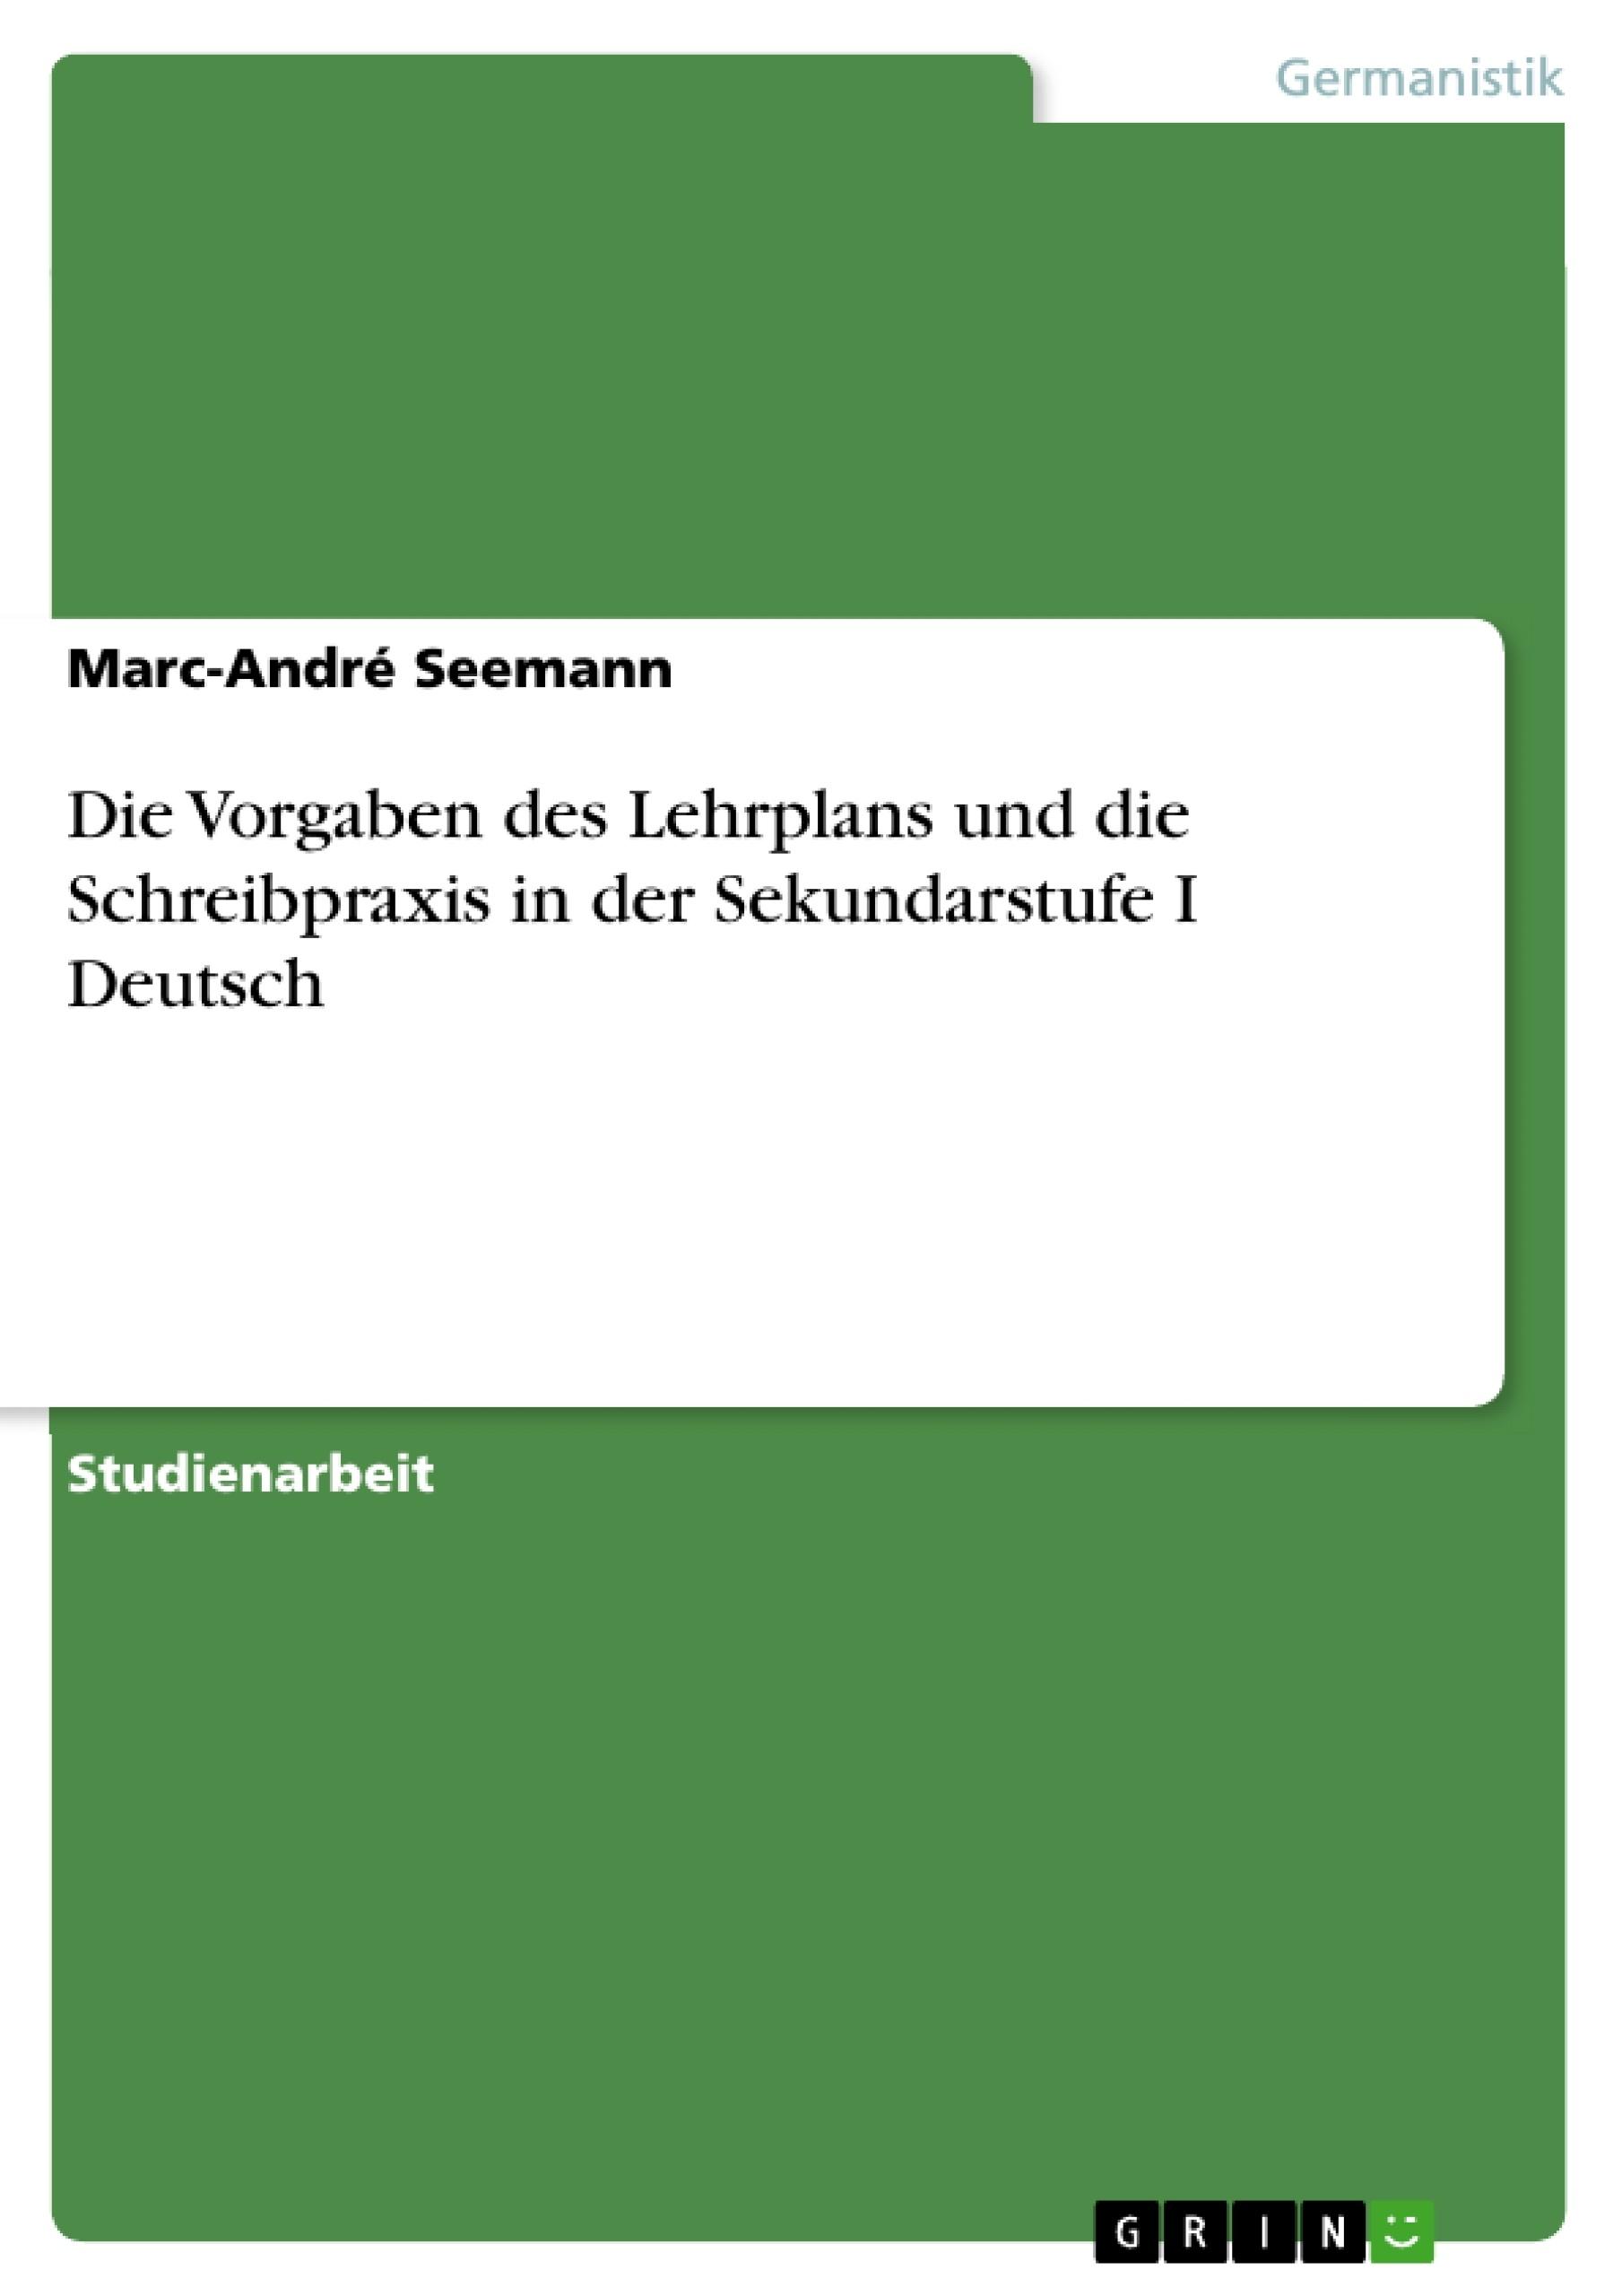 Titel: Die Vorgaben des Lehrplans und die Schreibpraxis in der Sekundarstufe I Deutsch